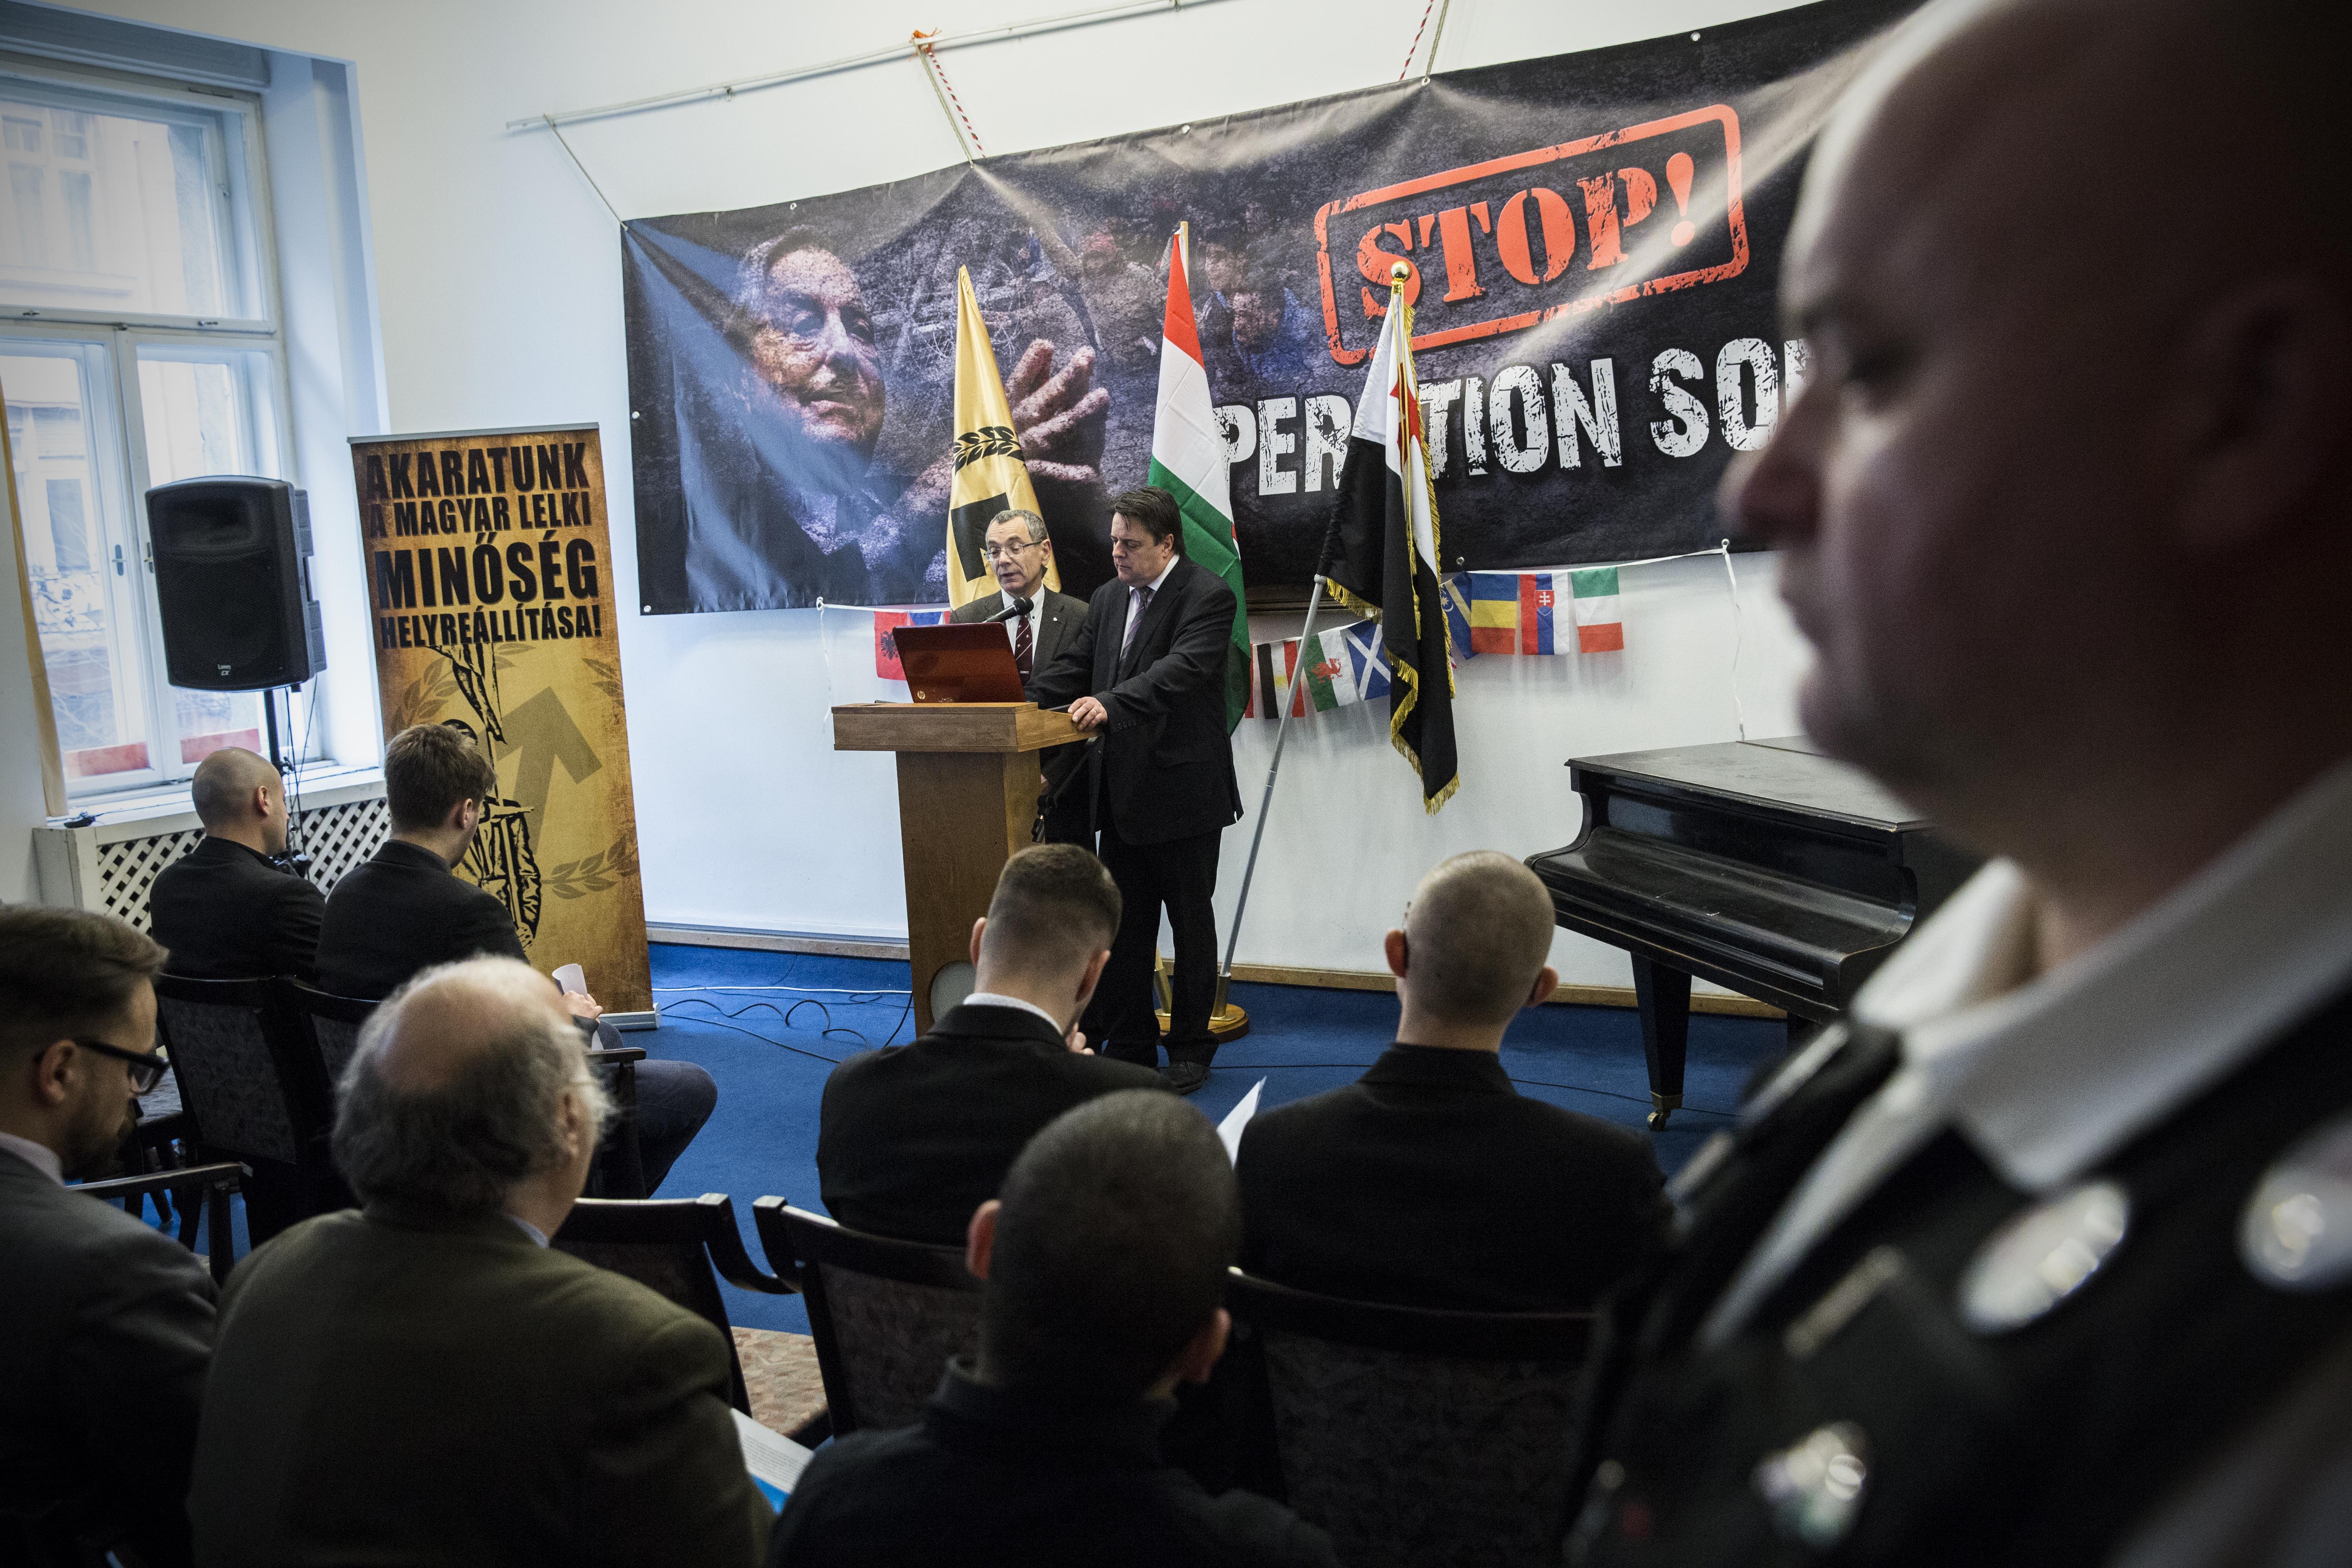 Magyarországra költözik a brit szélsőjobboldali vezető, Nick Griffin